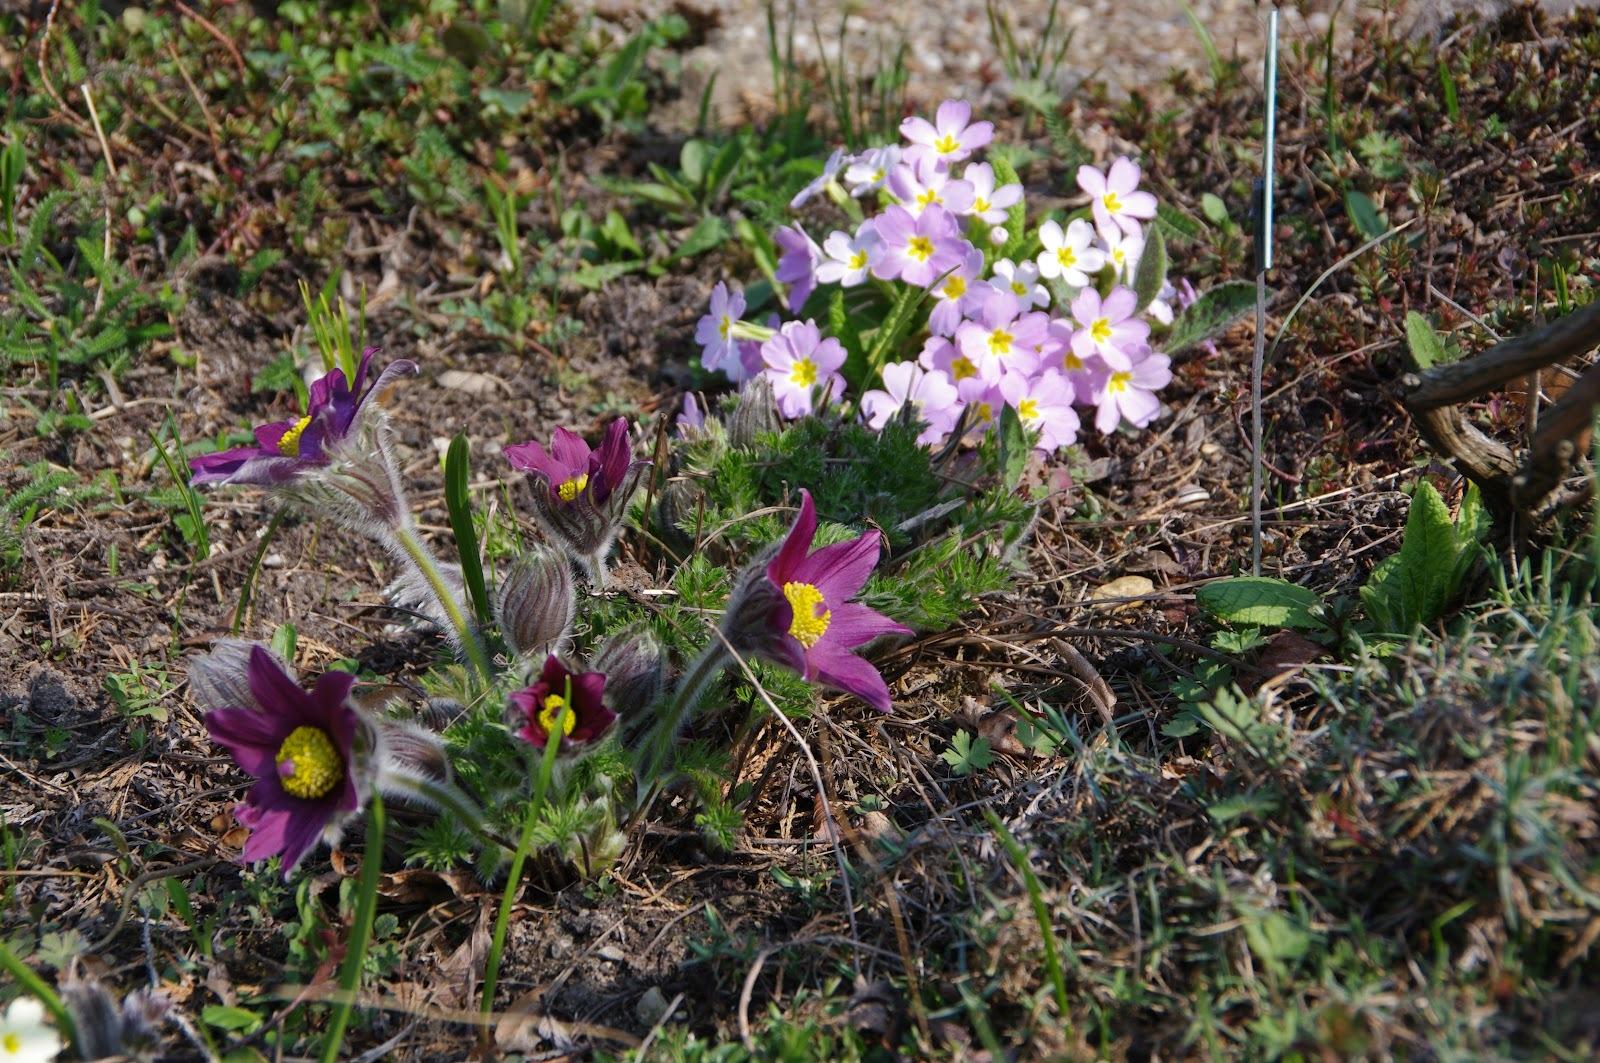 Универсальные растения. Многочисленная группа,в которую входят растения прекрасно чувствующие себя как на солнечных сухих участках,так и в полутени.